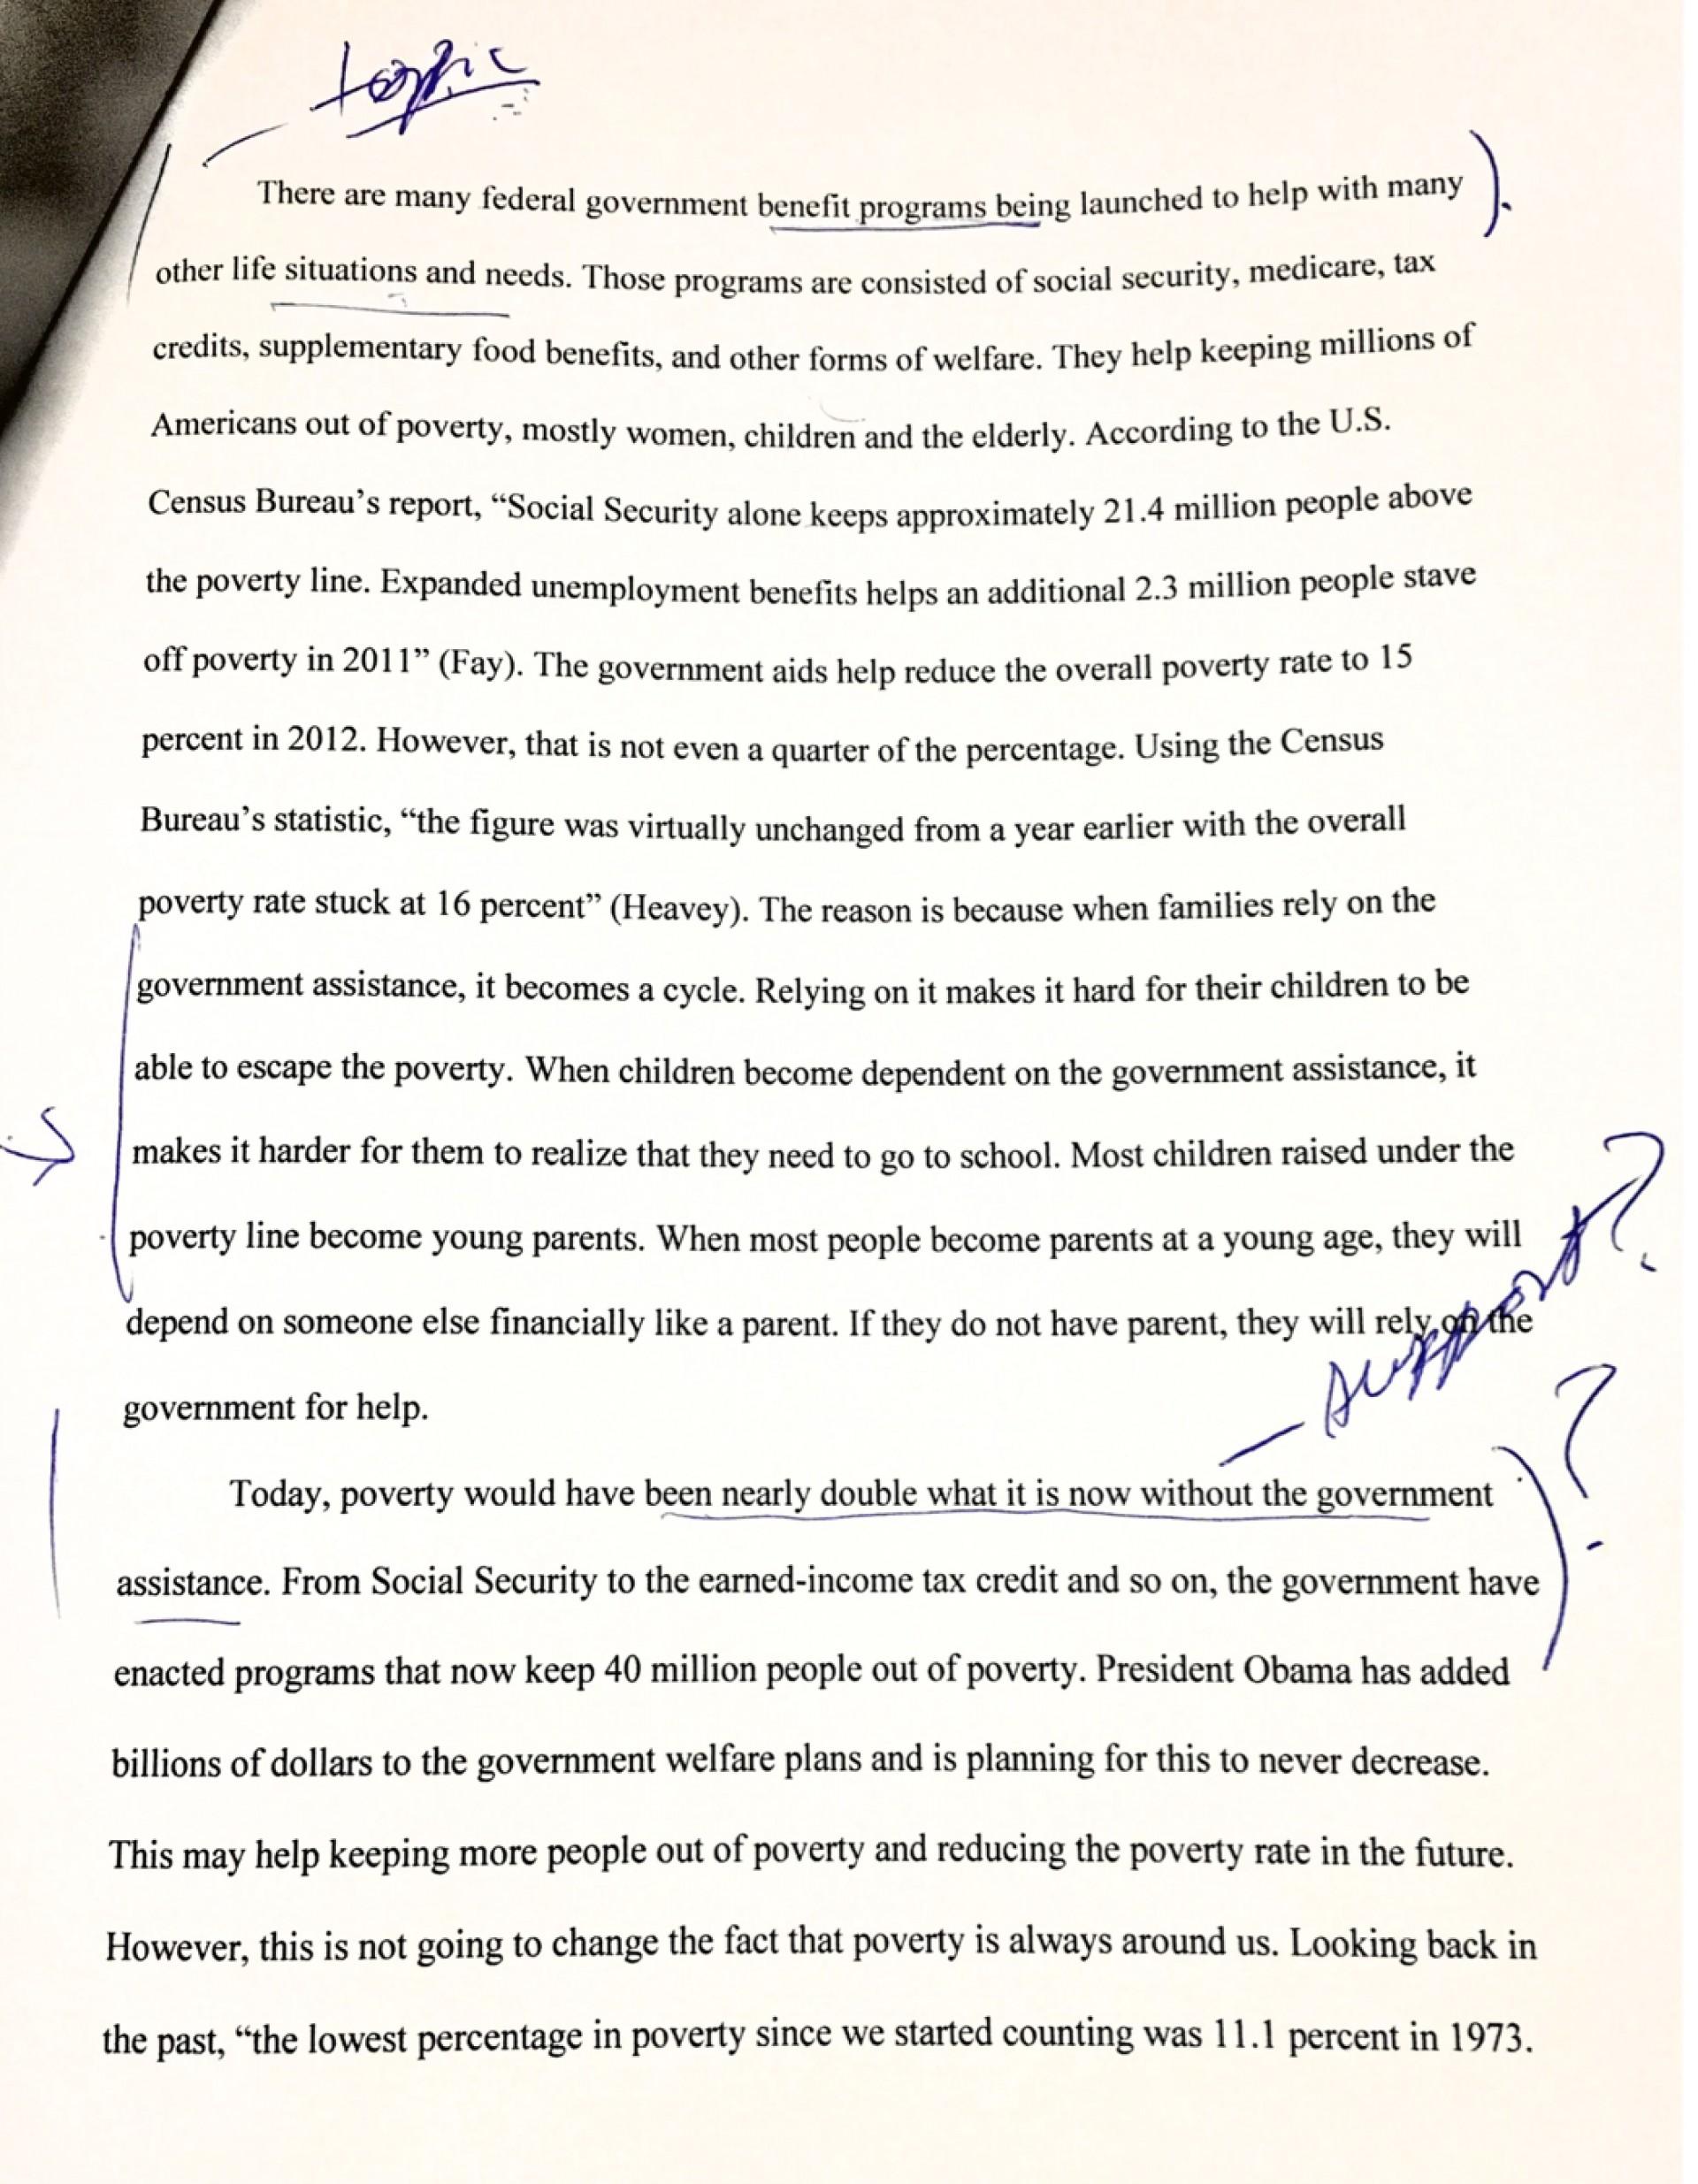 002 Rewrite Essay Best Software Article Freelance 1920